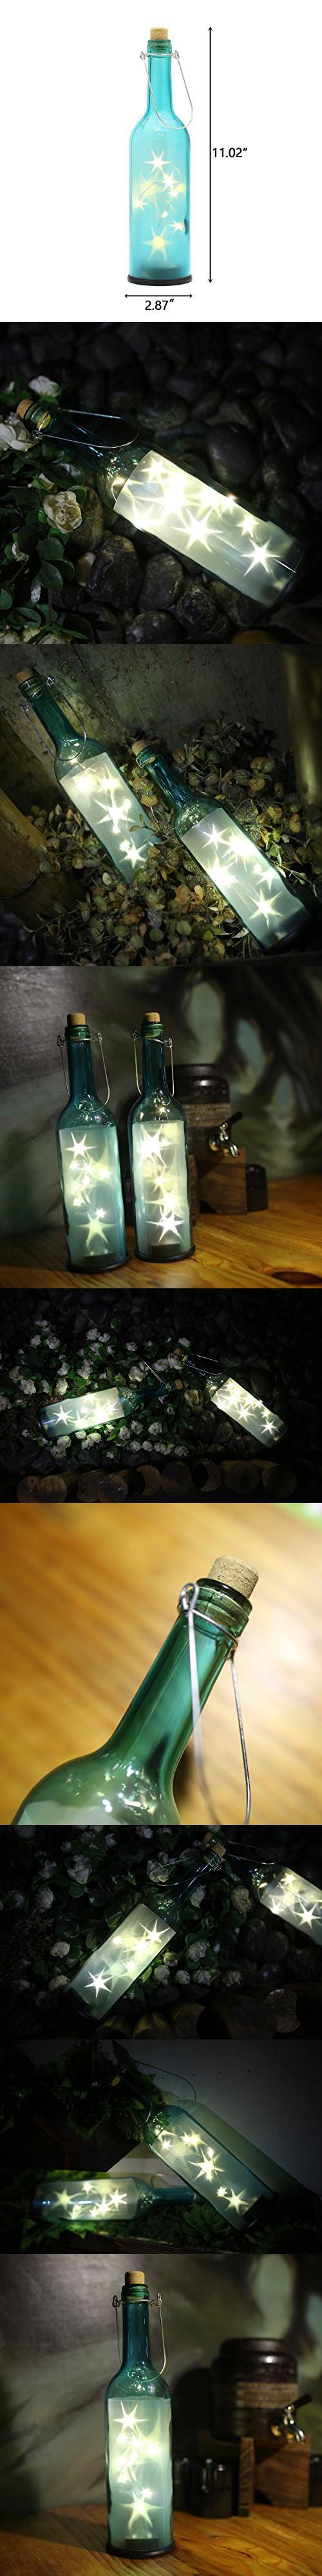 home wine room lighting effect. AceLife Wine Bottle Light Complete LED Starry String Lights Set With Blue Hexagram Effect For Home Room Lighting